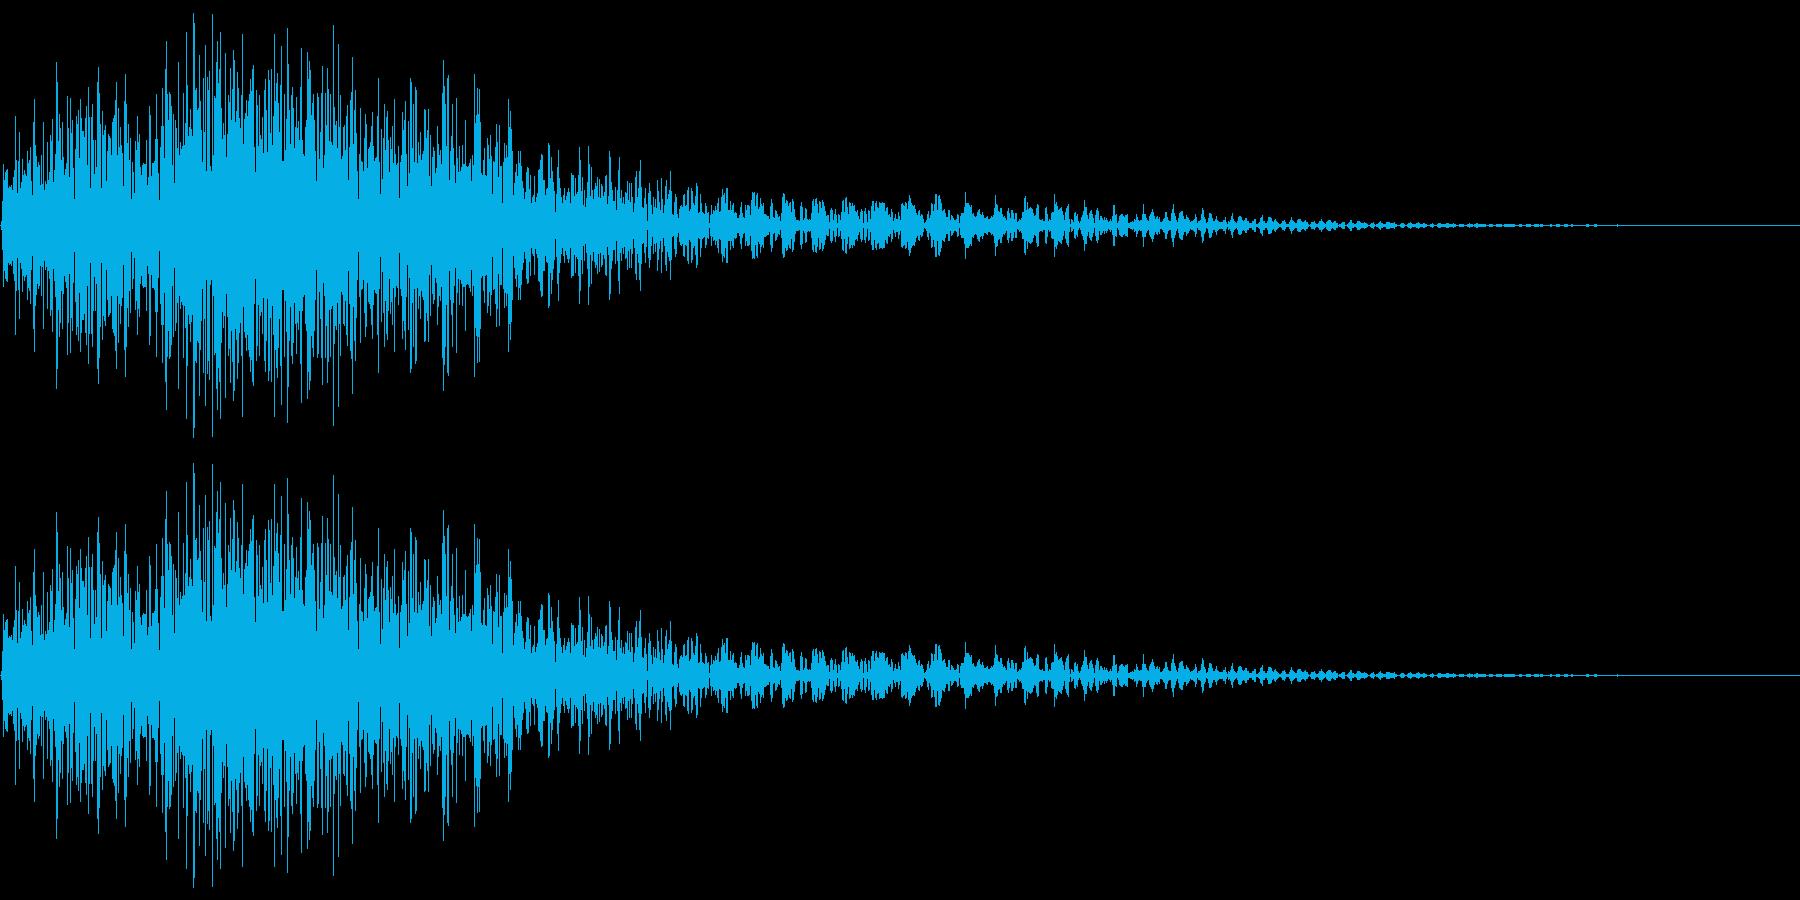 衝撃音(ギャン/ビャン)の再生済みの波形